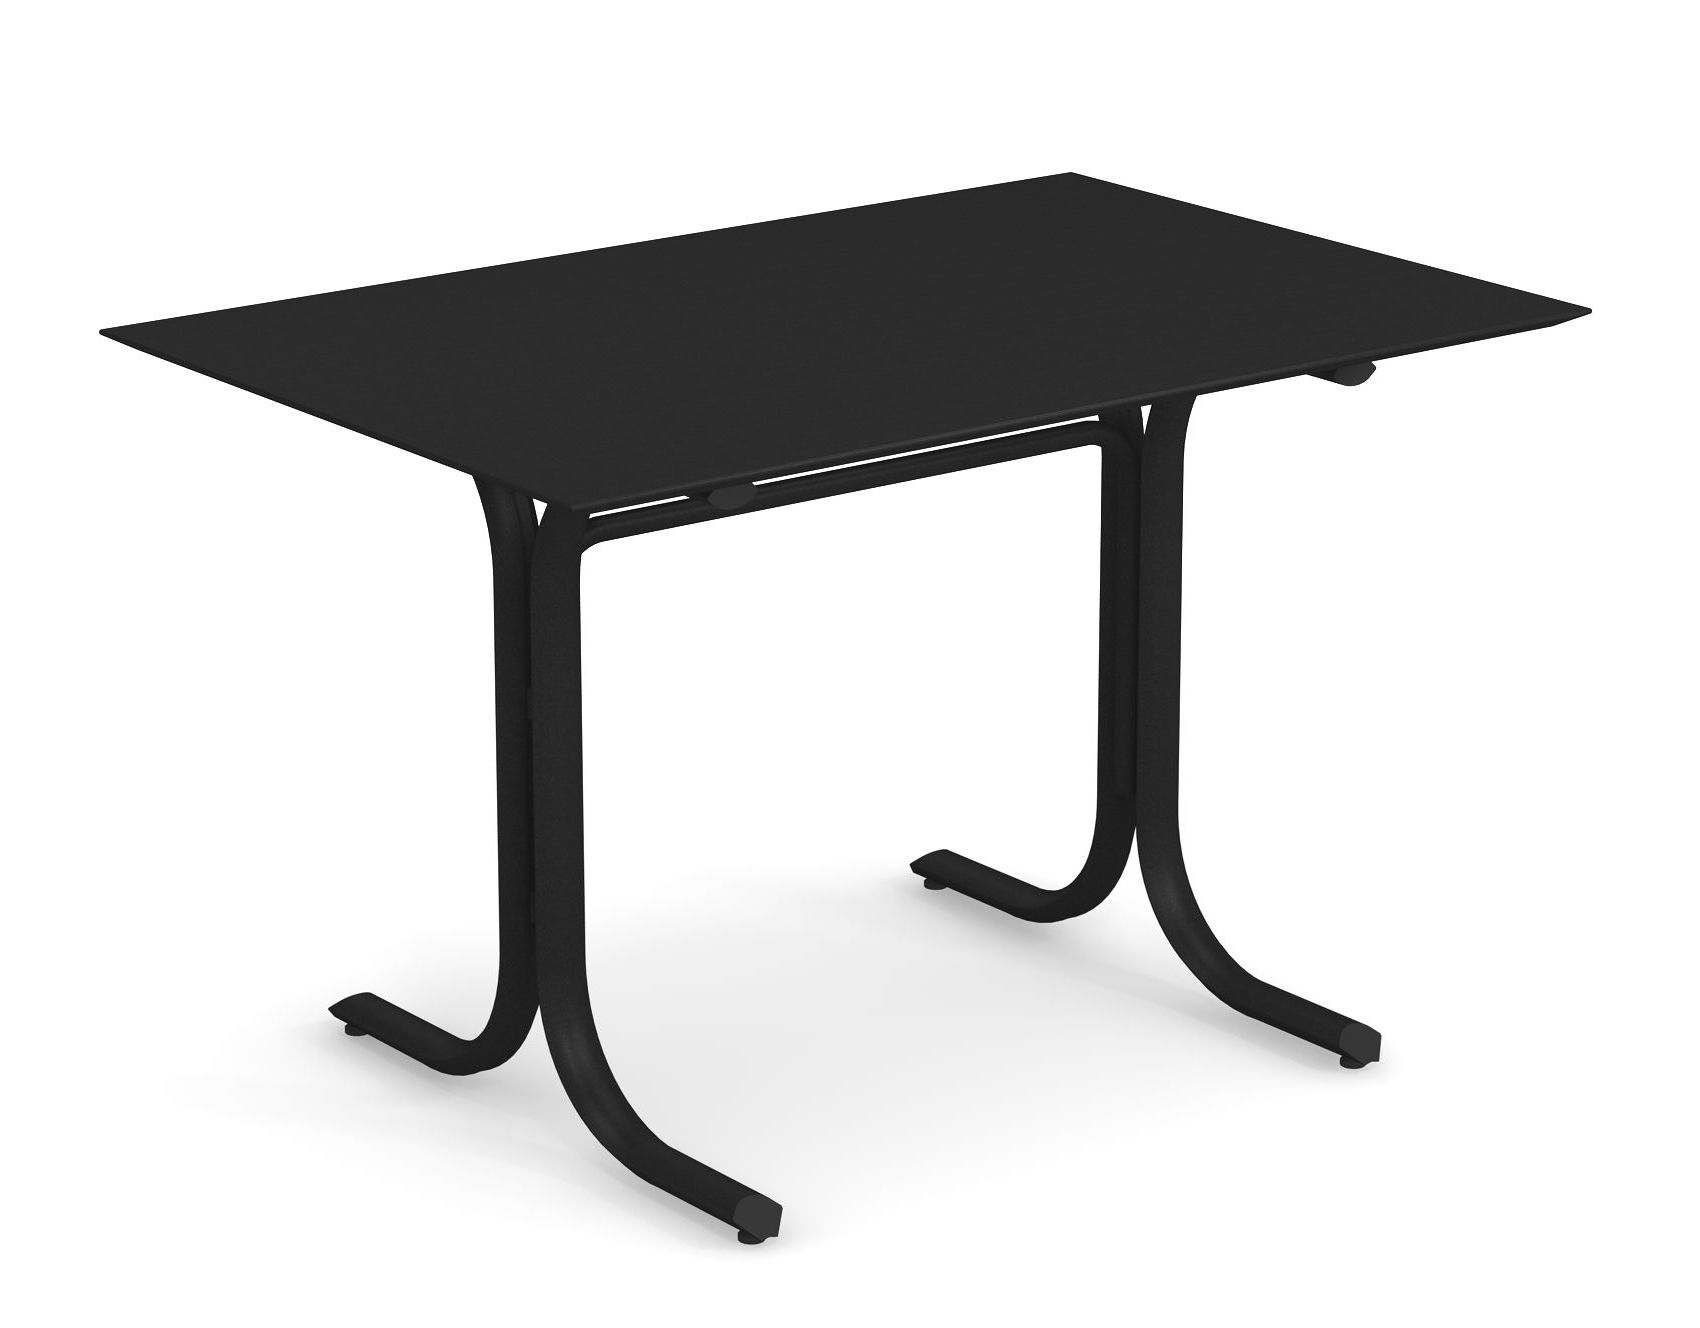 Outdoor - Tables de jardin - Table rectangulaire System / 80 x 120 cm - Emu - Noir - Acier peint galvanisé